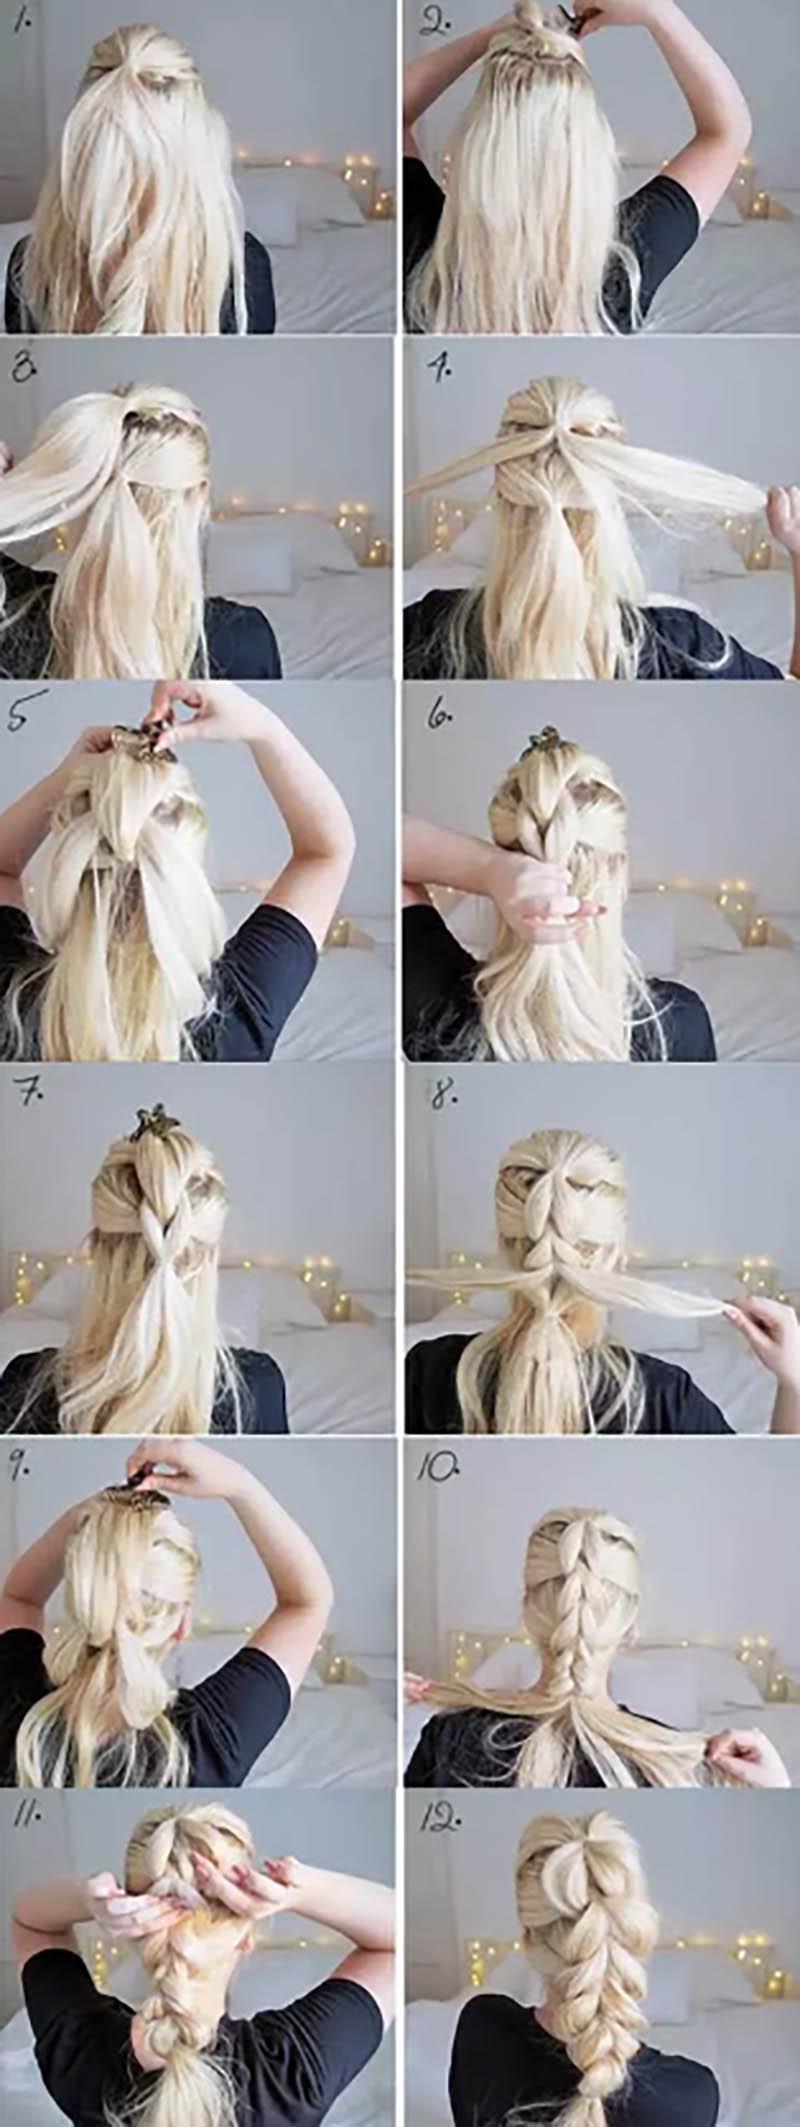 Bện tóc kiểu Pháp ấn tượng